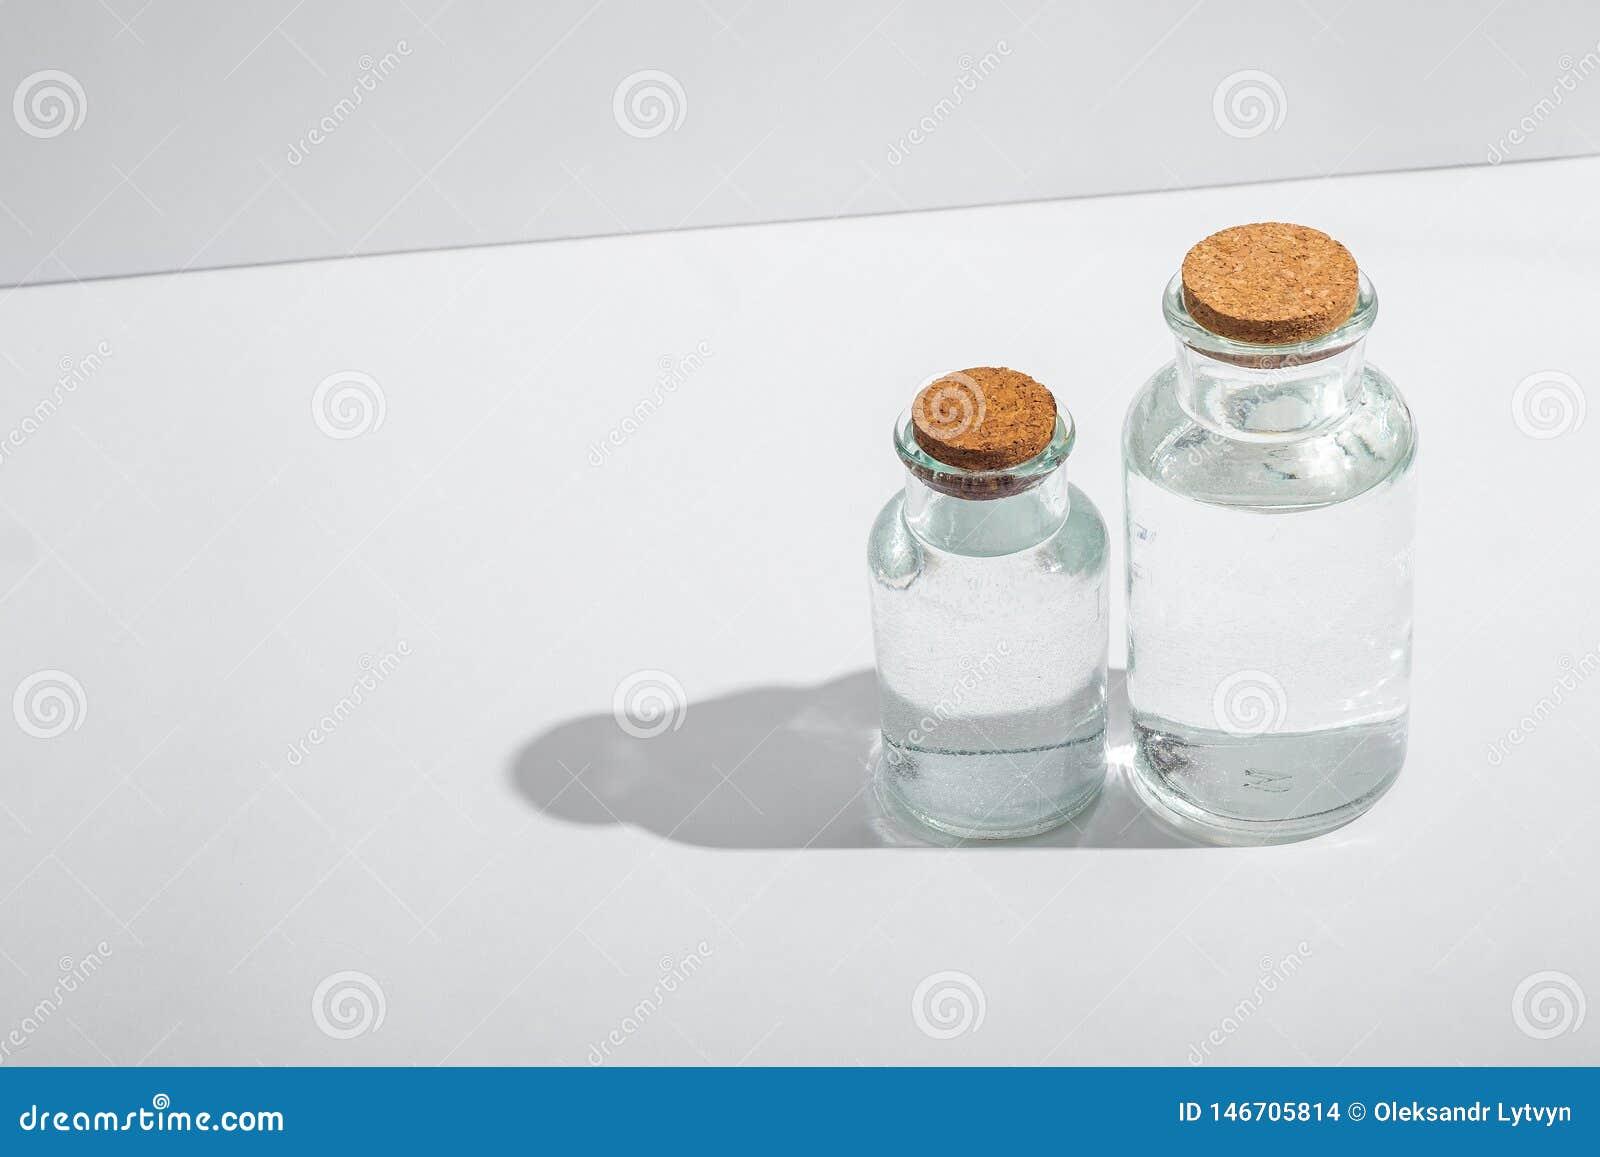 Glasflessen met cork deksels op een witte achtergrond